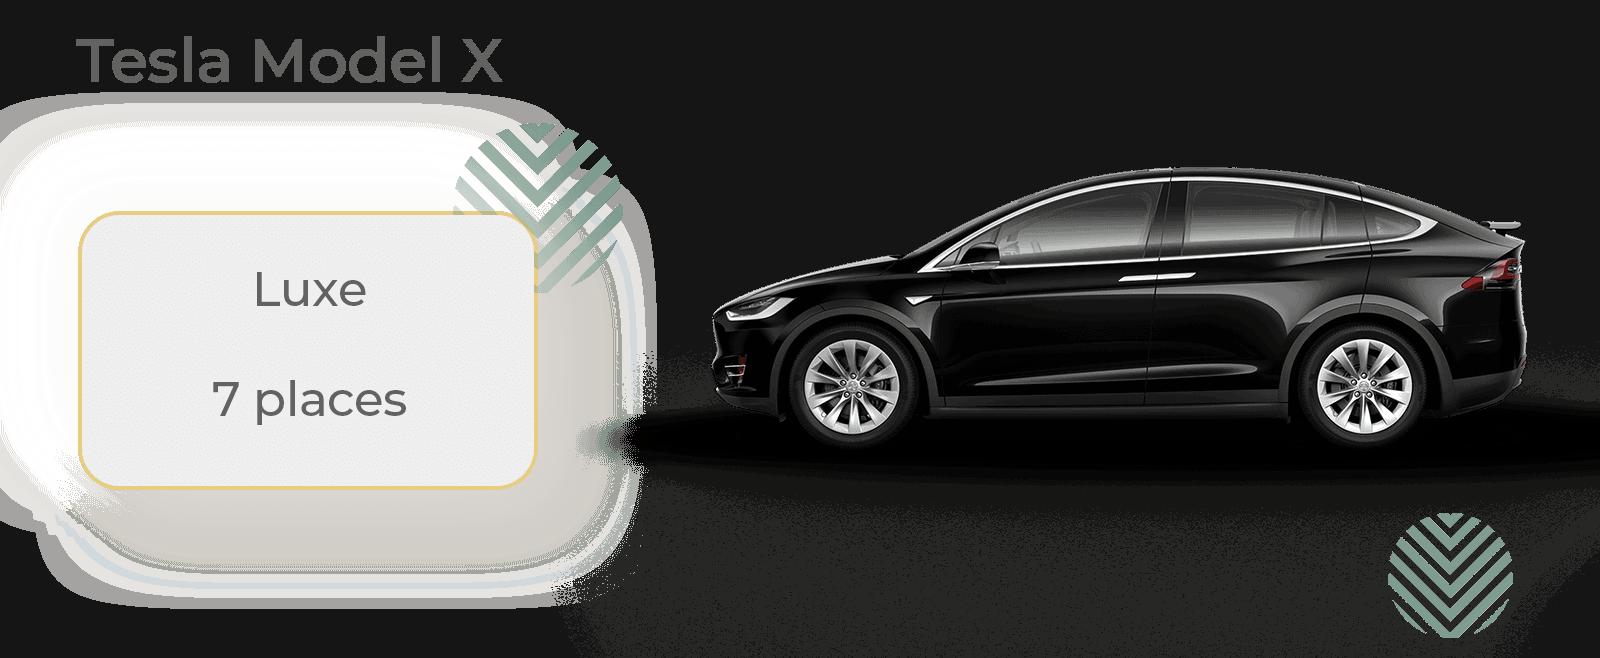 Tesla Model X avec chauffeur location et déplacement professionnels, profitez du luxe de la Tesla Model X (équivalent Mercedes Class S ou BMW Série 7) pour vos déplacements, gare/aéroport ou toute distance